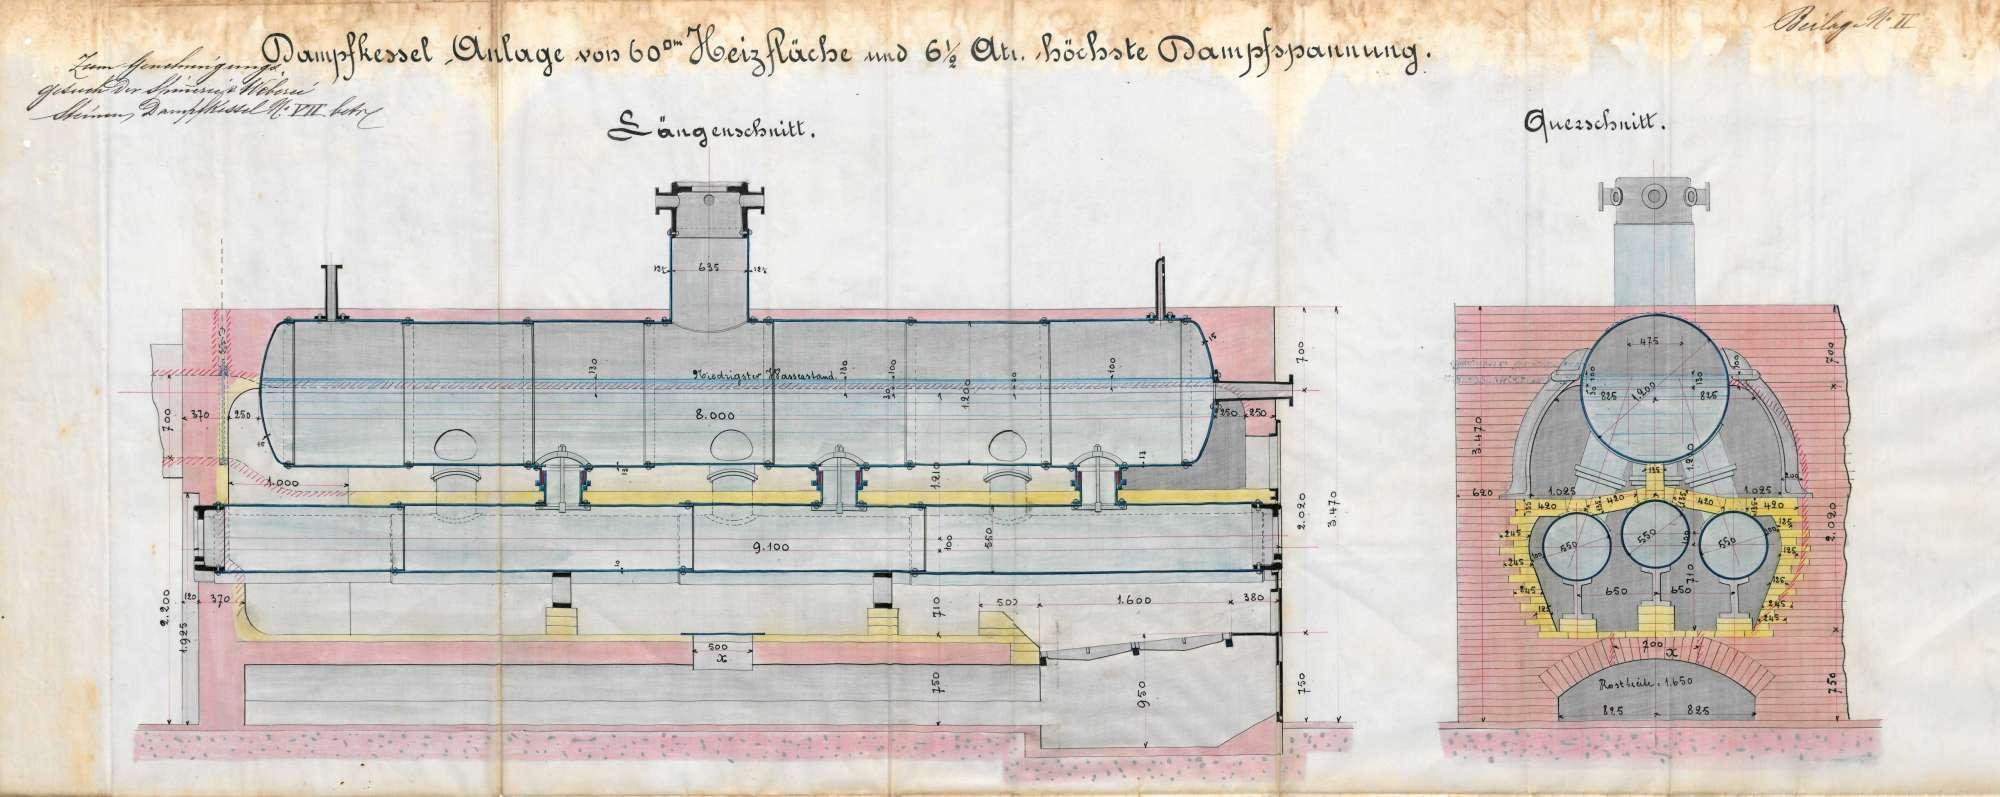 Gesuch der Spinnerei und Weberei Steinen AG um Erlaubnis zur Anlegung zweier Dampfkessel, Bild 1